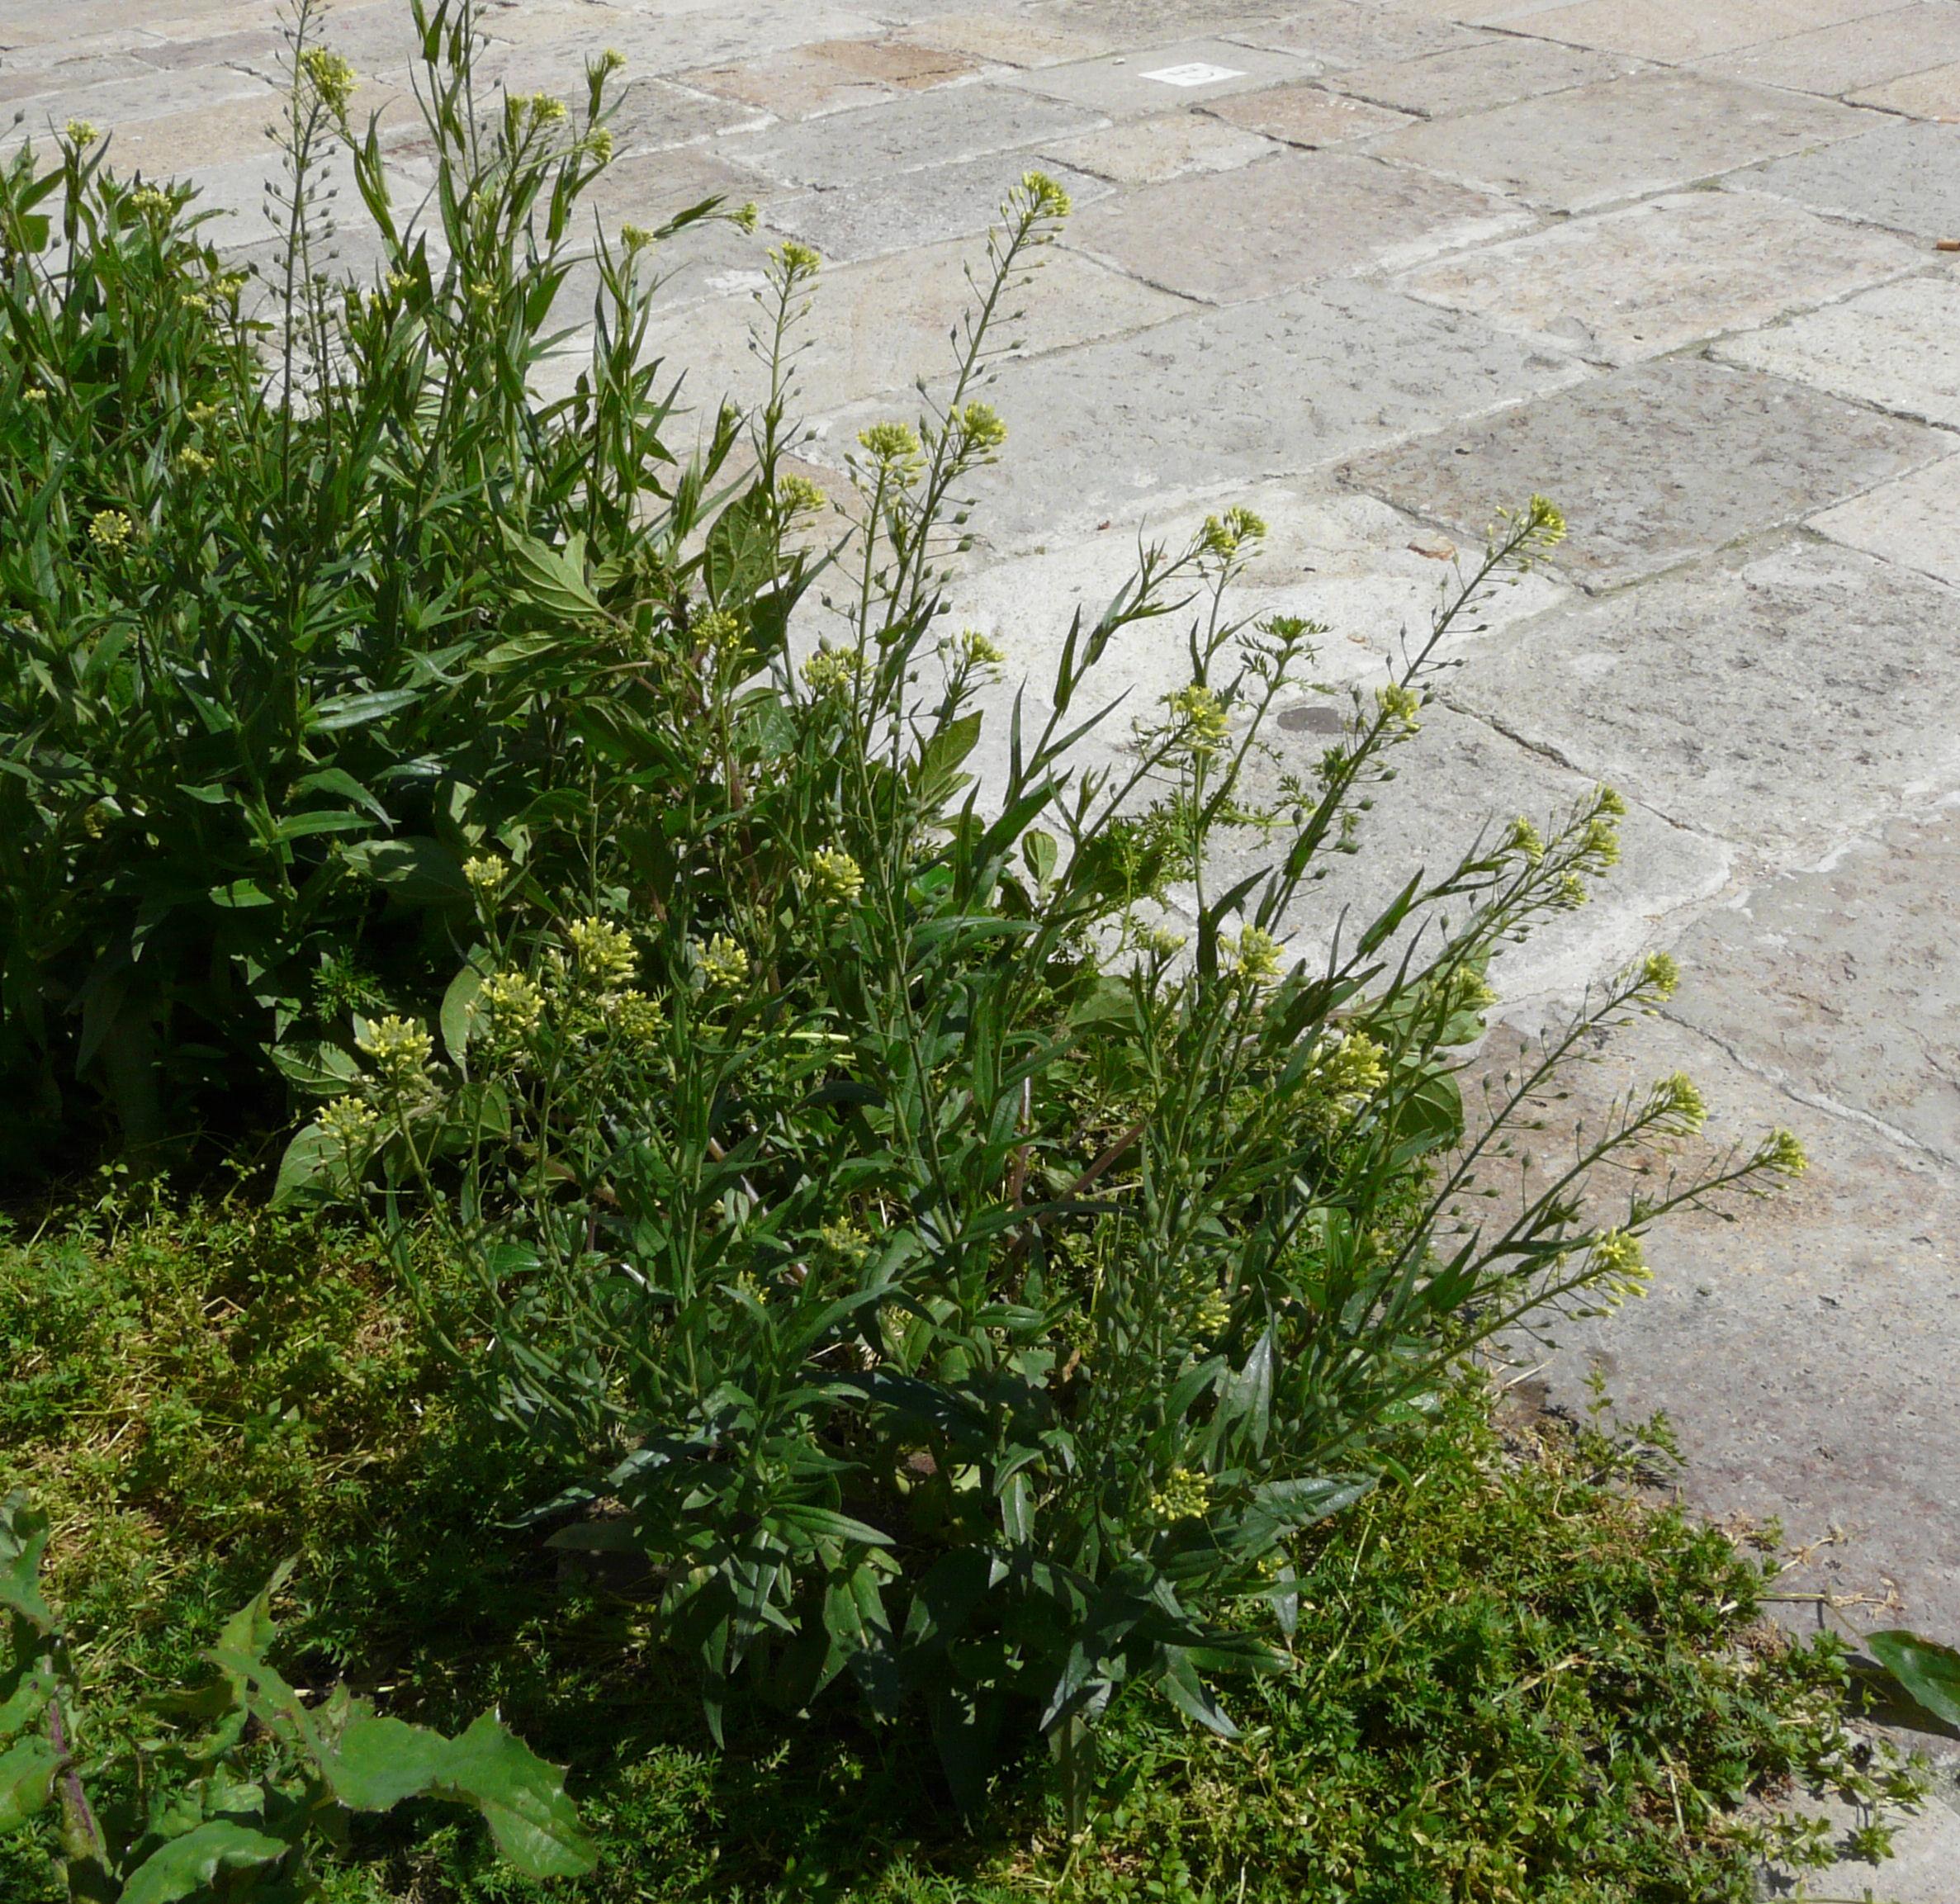 © Dipartimento di Scienze della Vita, Università degli Studi di Trieste<br>by Andrea Moro<br>Comune di Venezia, campo San Lorenzo., VE, Veneto, Italia, 27/04/2008<br>Distributed under CC-BY-SA 4.0 license.